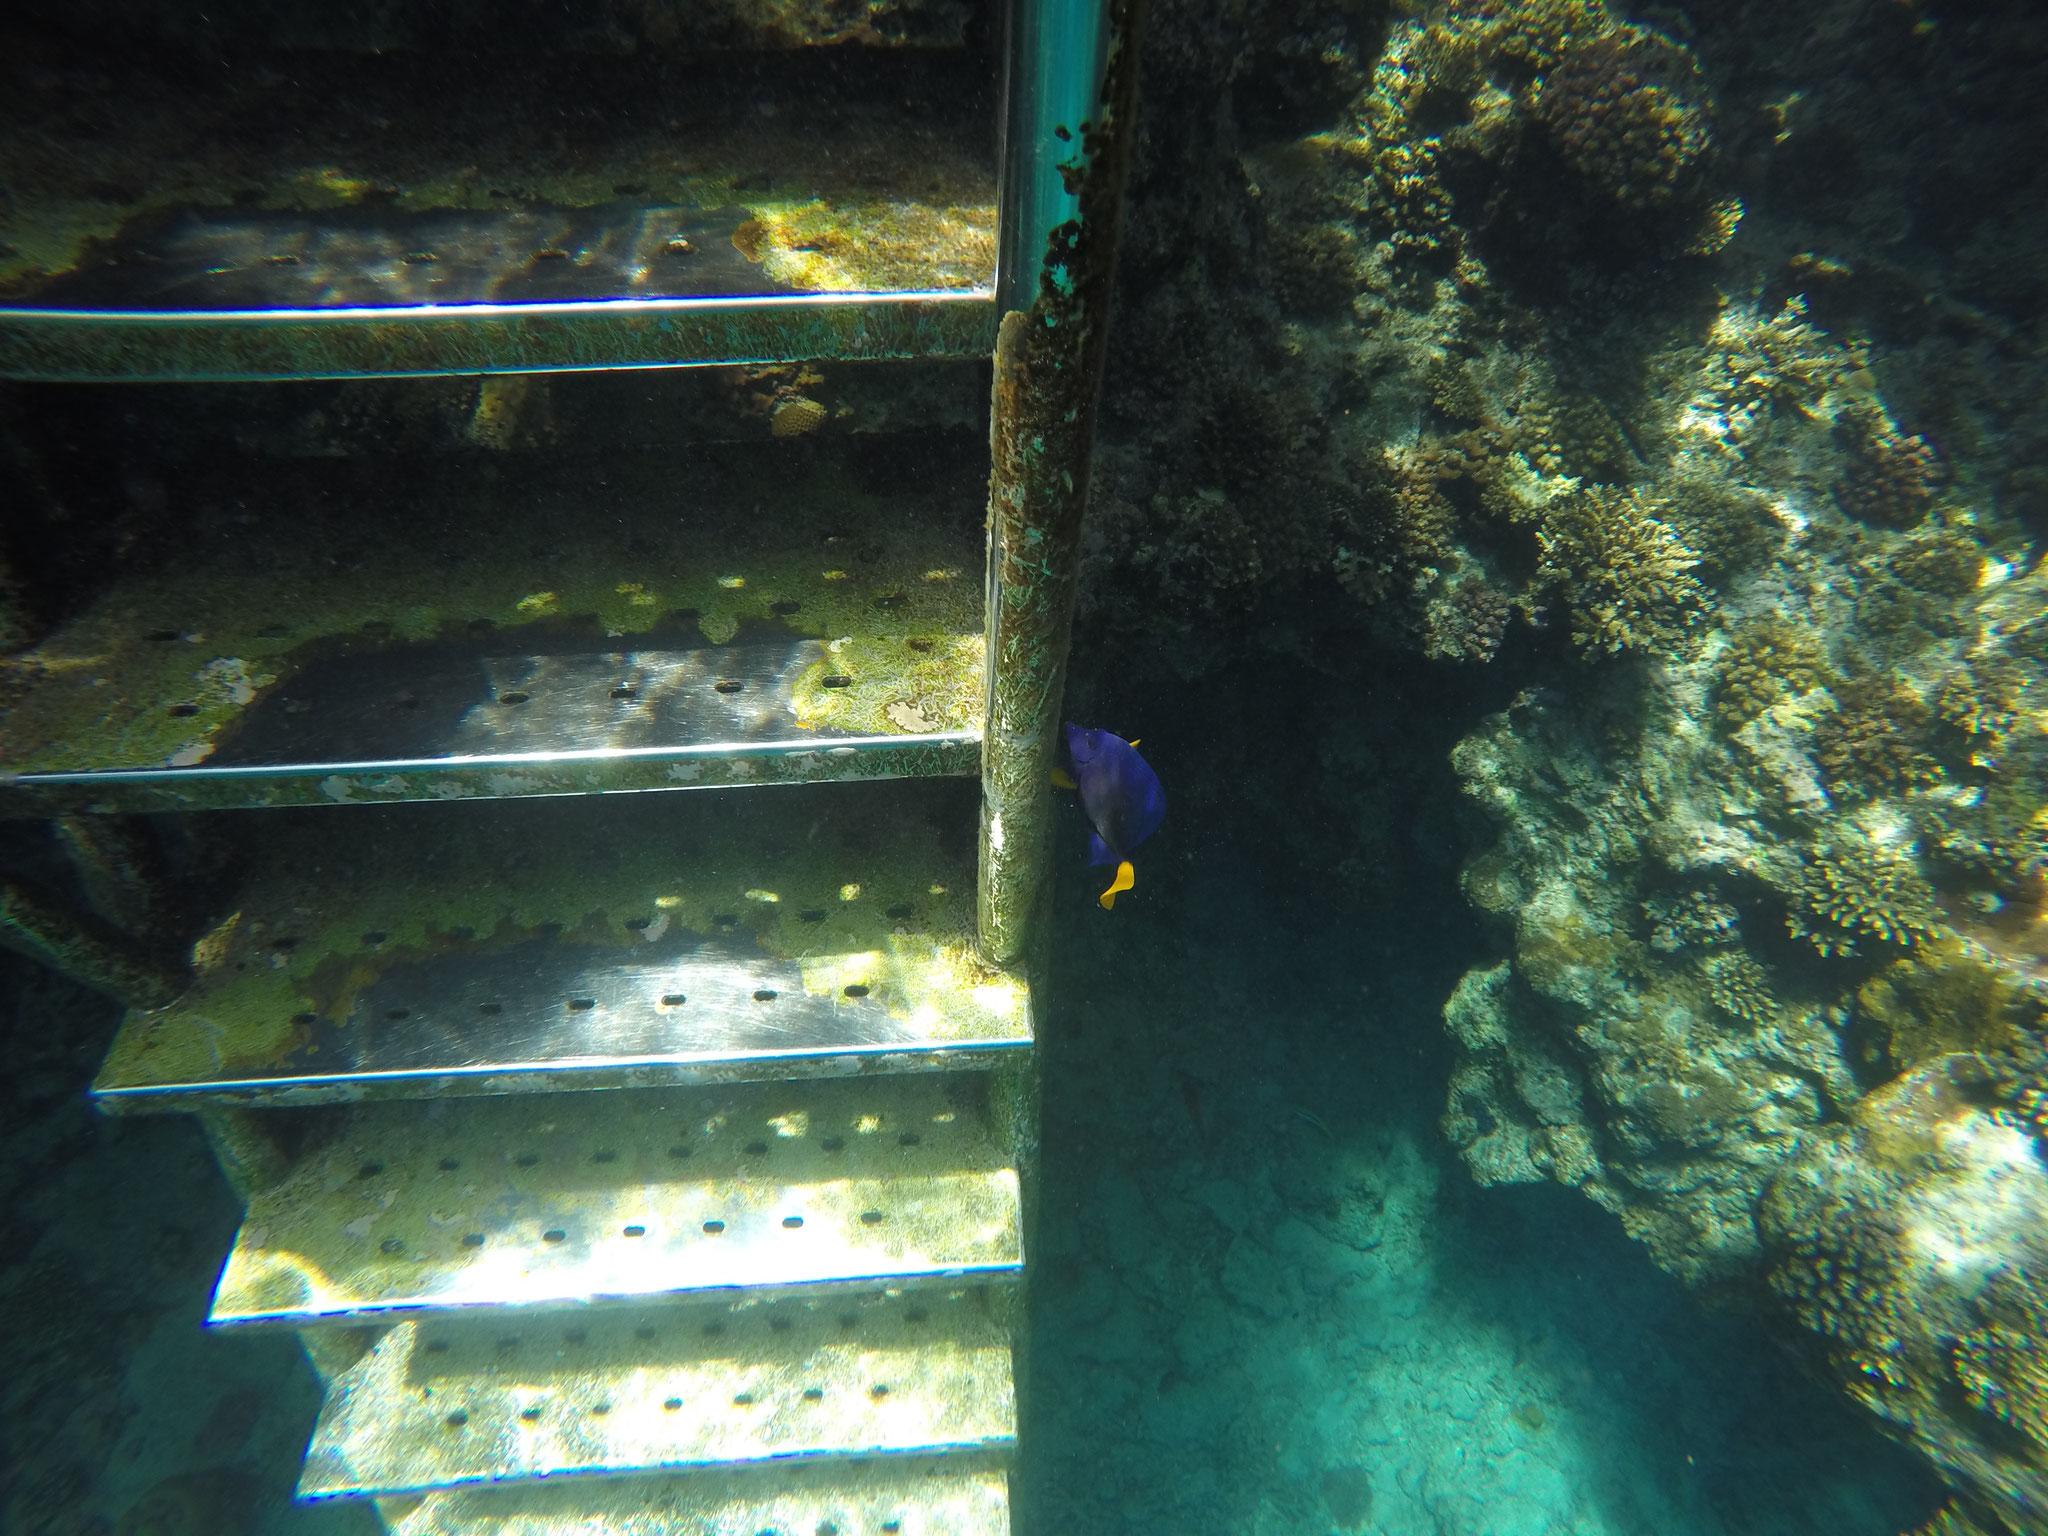 Dori, Nemo hat sich versteckt...